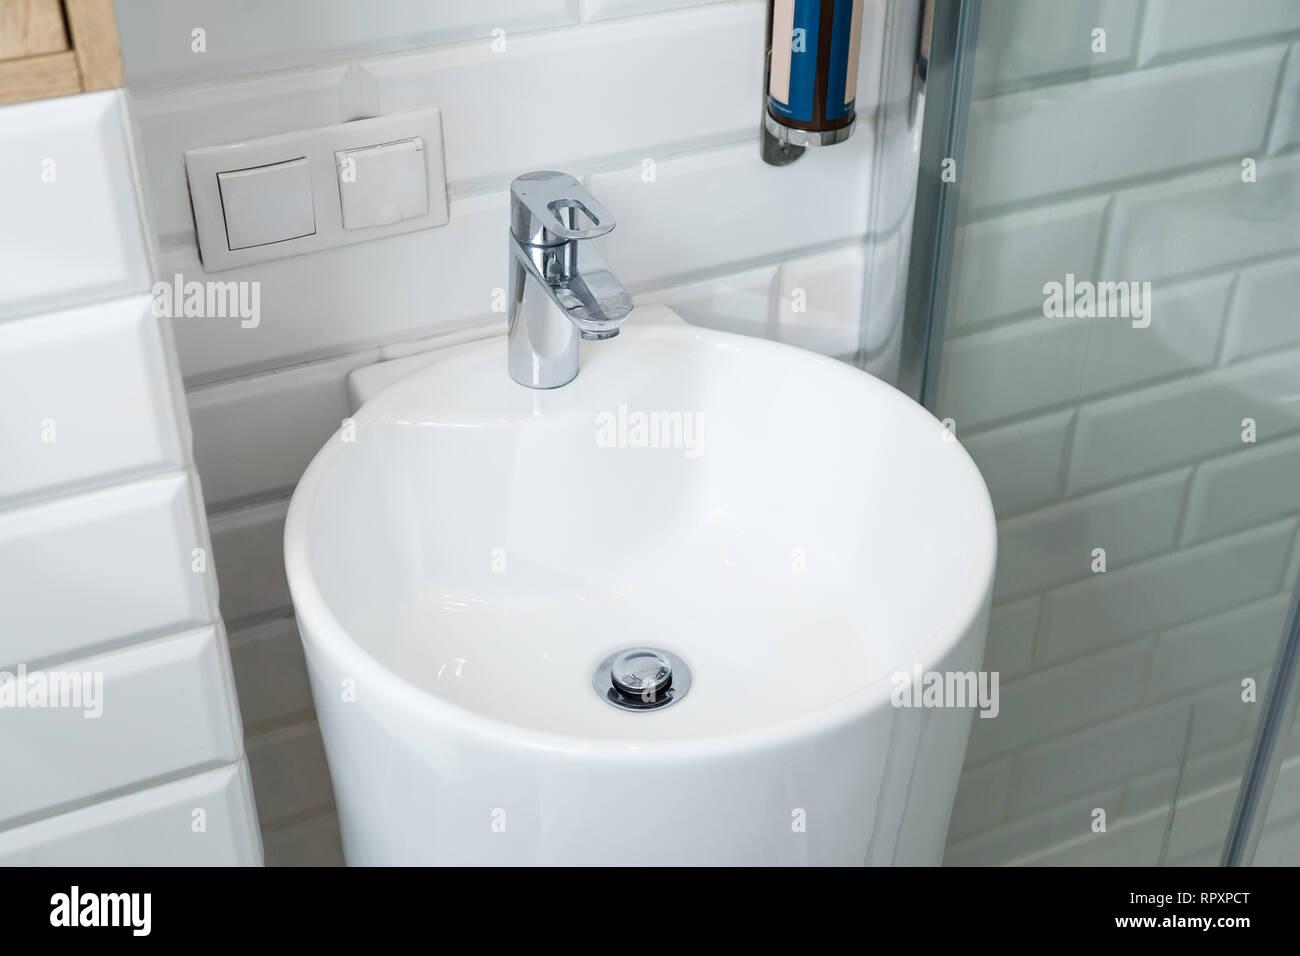 Chrom Kran auf der Runde Keramik Waschbecken im Bad ...